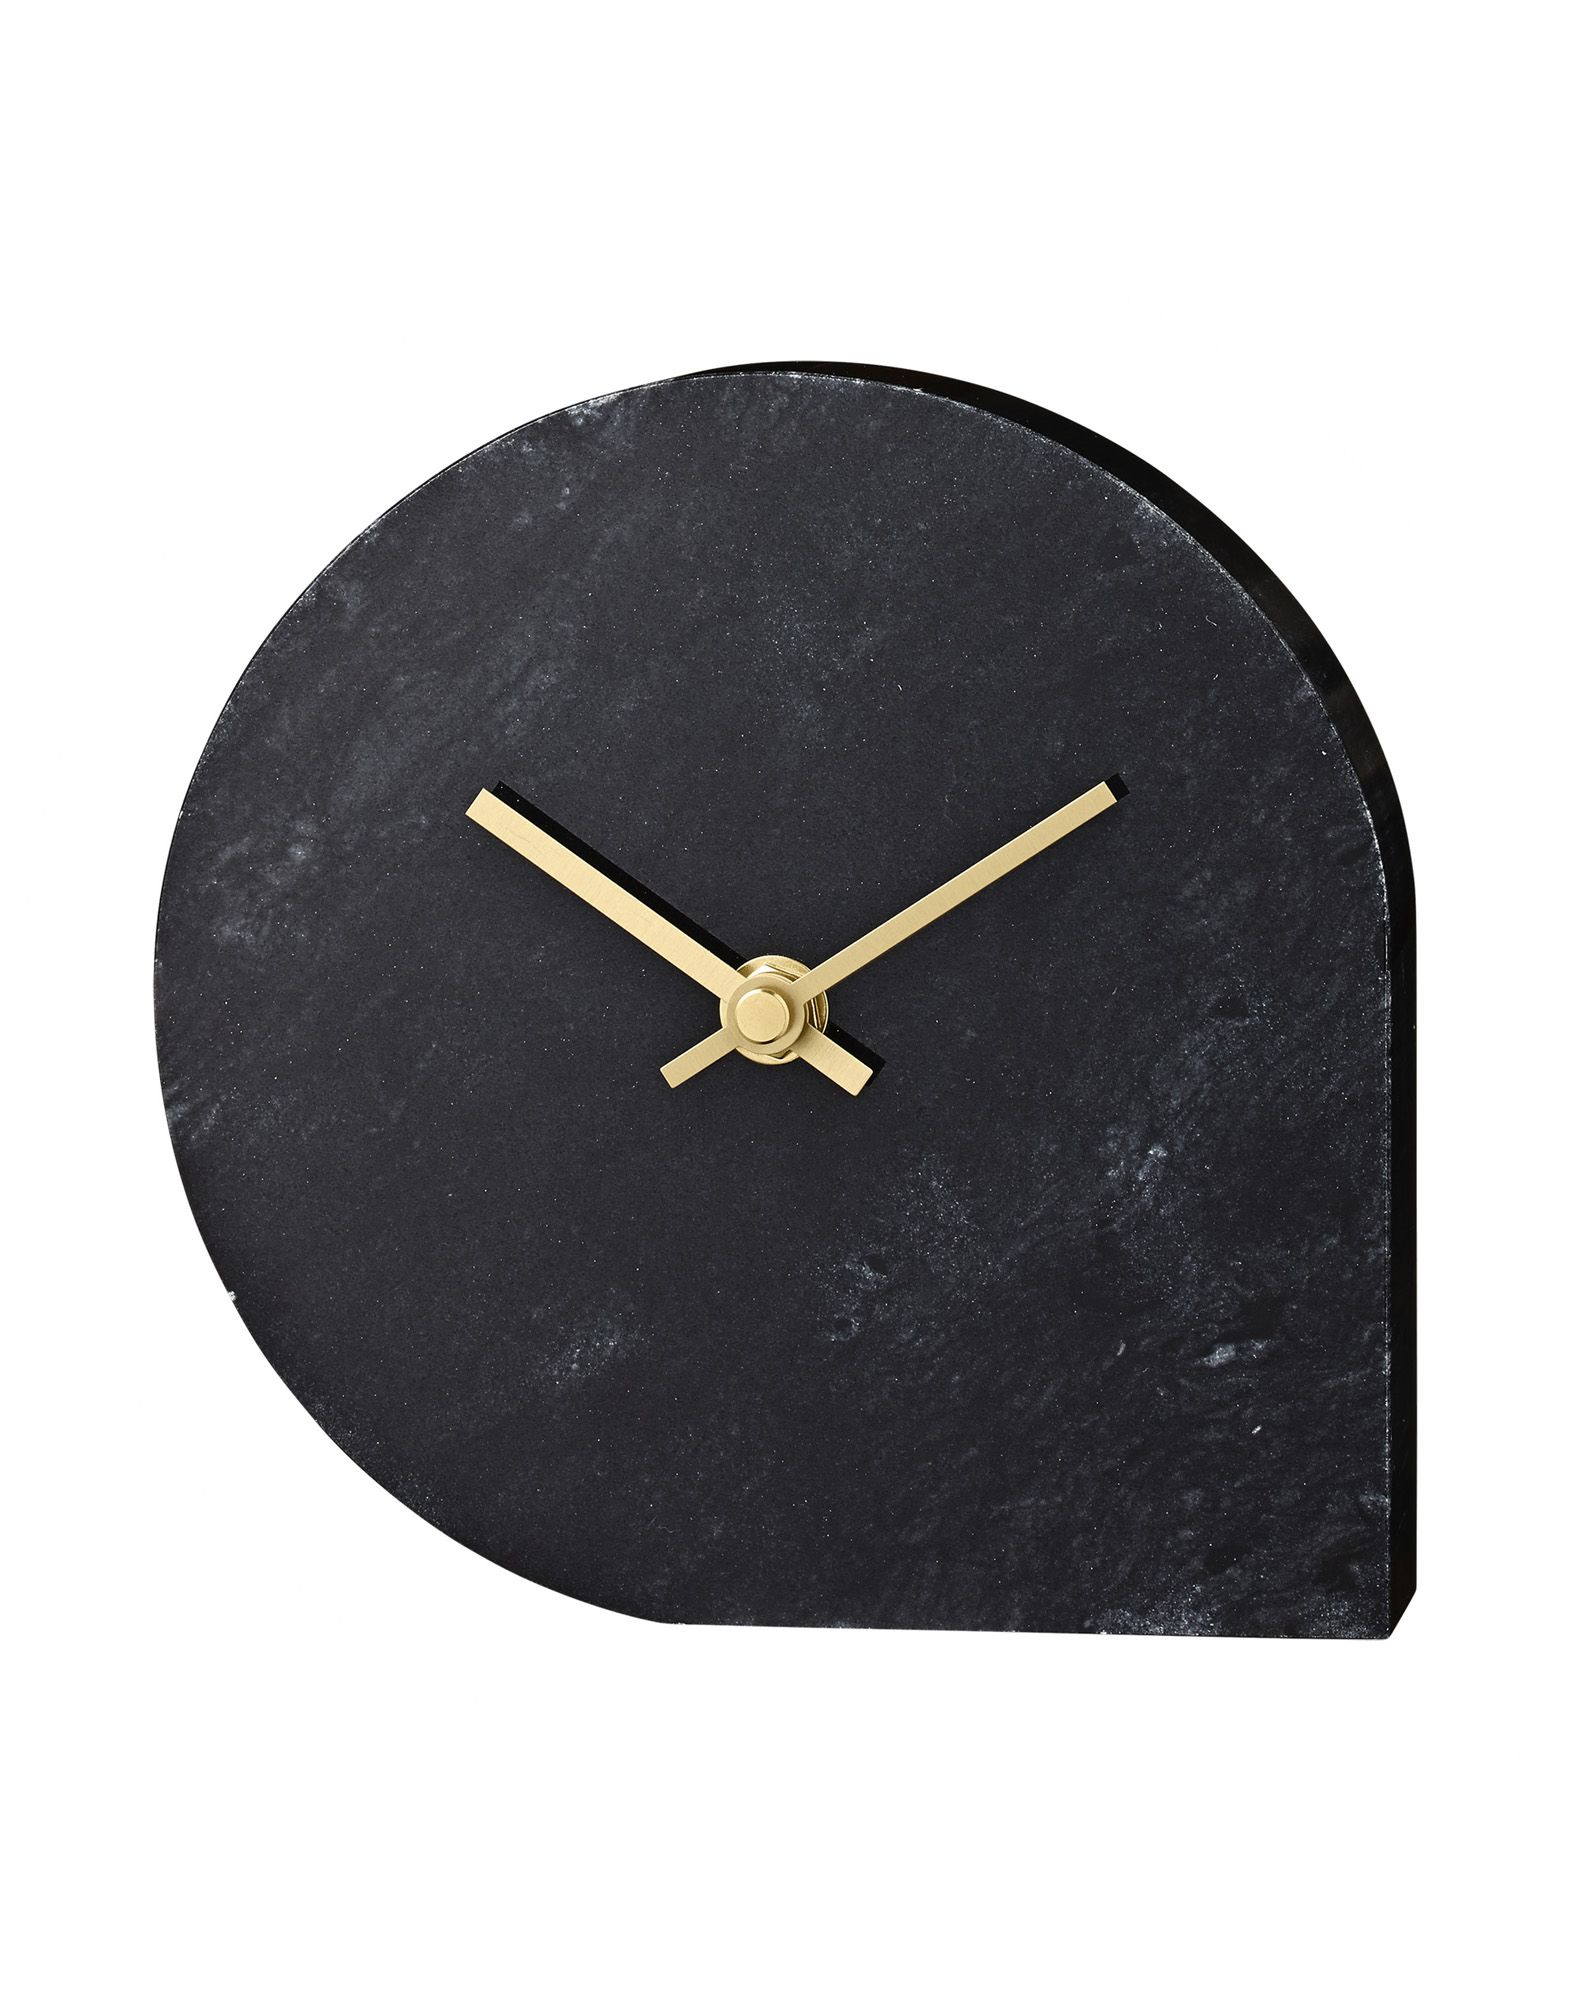 AYTM Настольные часы часы настольные casio часы настольные dq 747 8e